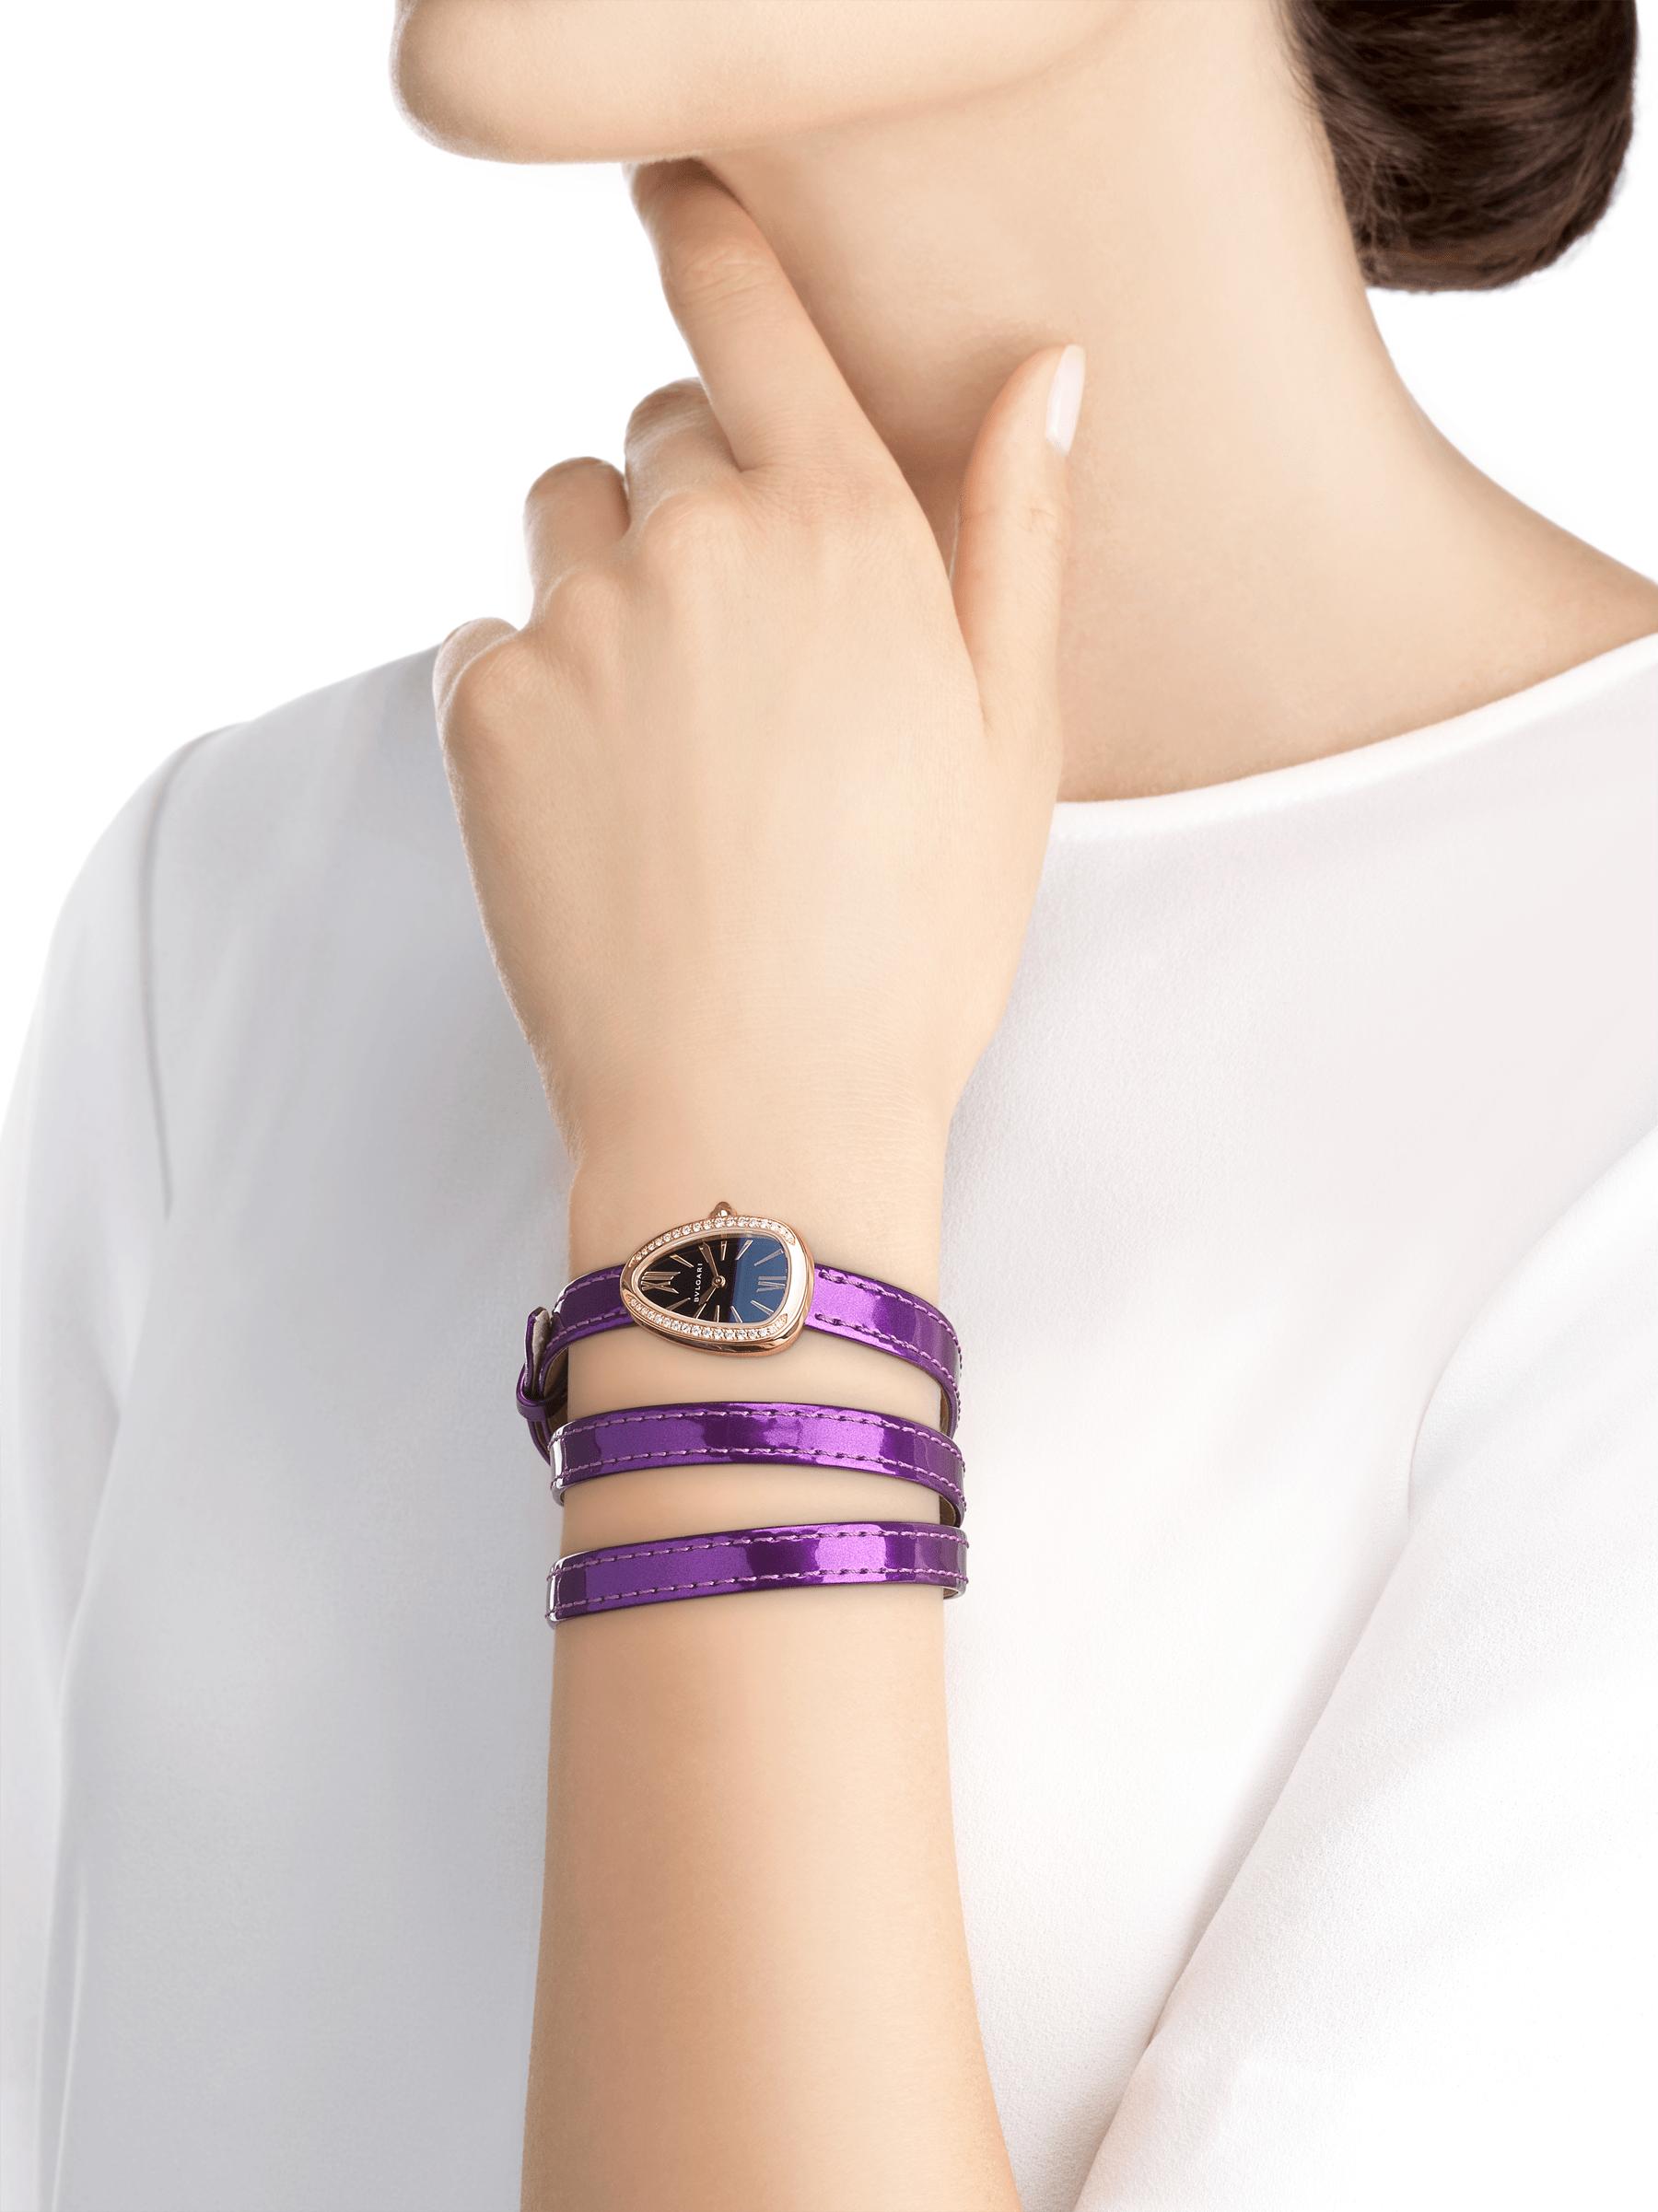 Montre Serpenti avec boîtier en or rose 18K serti de diamants, cadran laqué noir et bracelet quadruple spirale interchangeable en cuir de veau aspect métal brossé couleur jade glycine. 102969 image 3